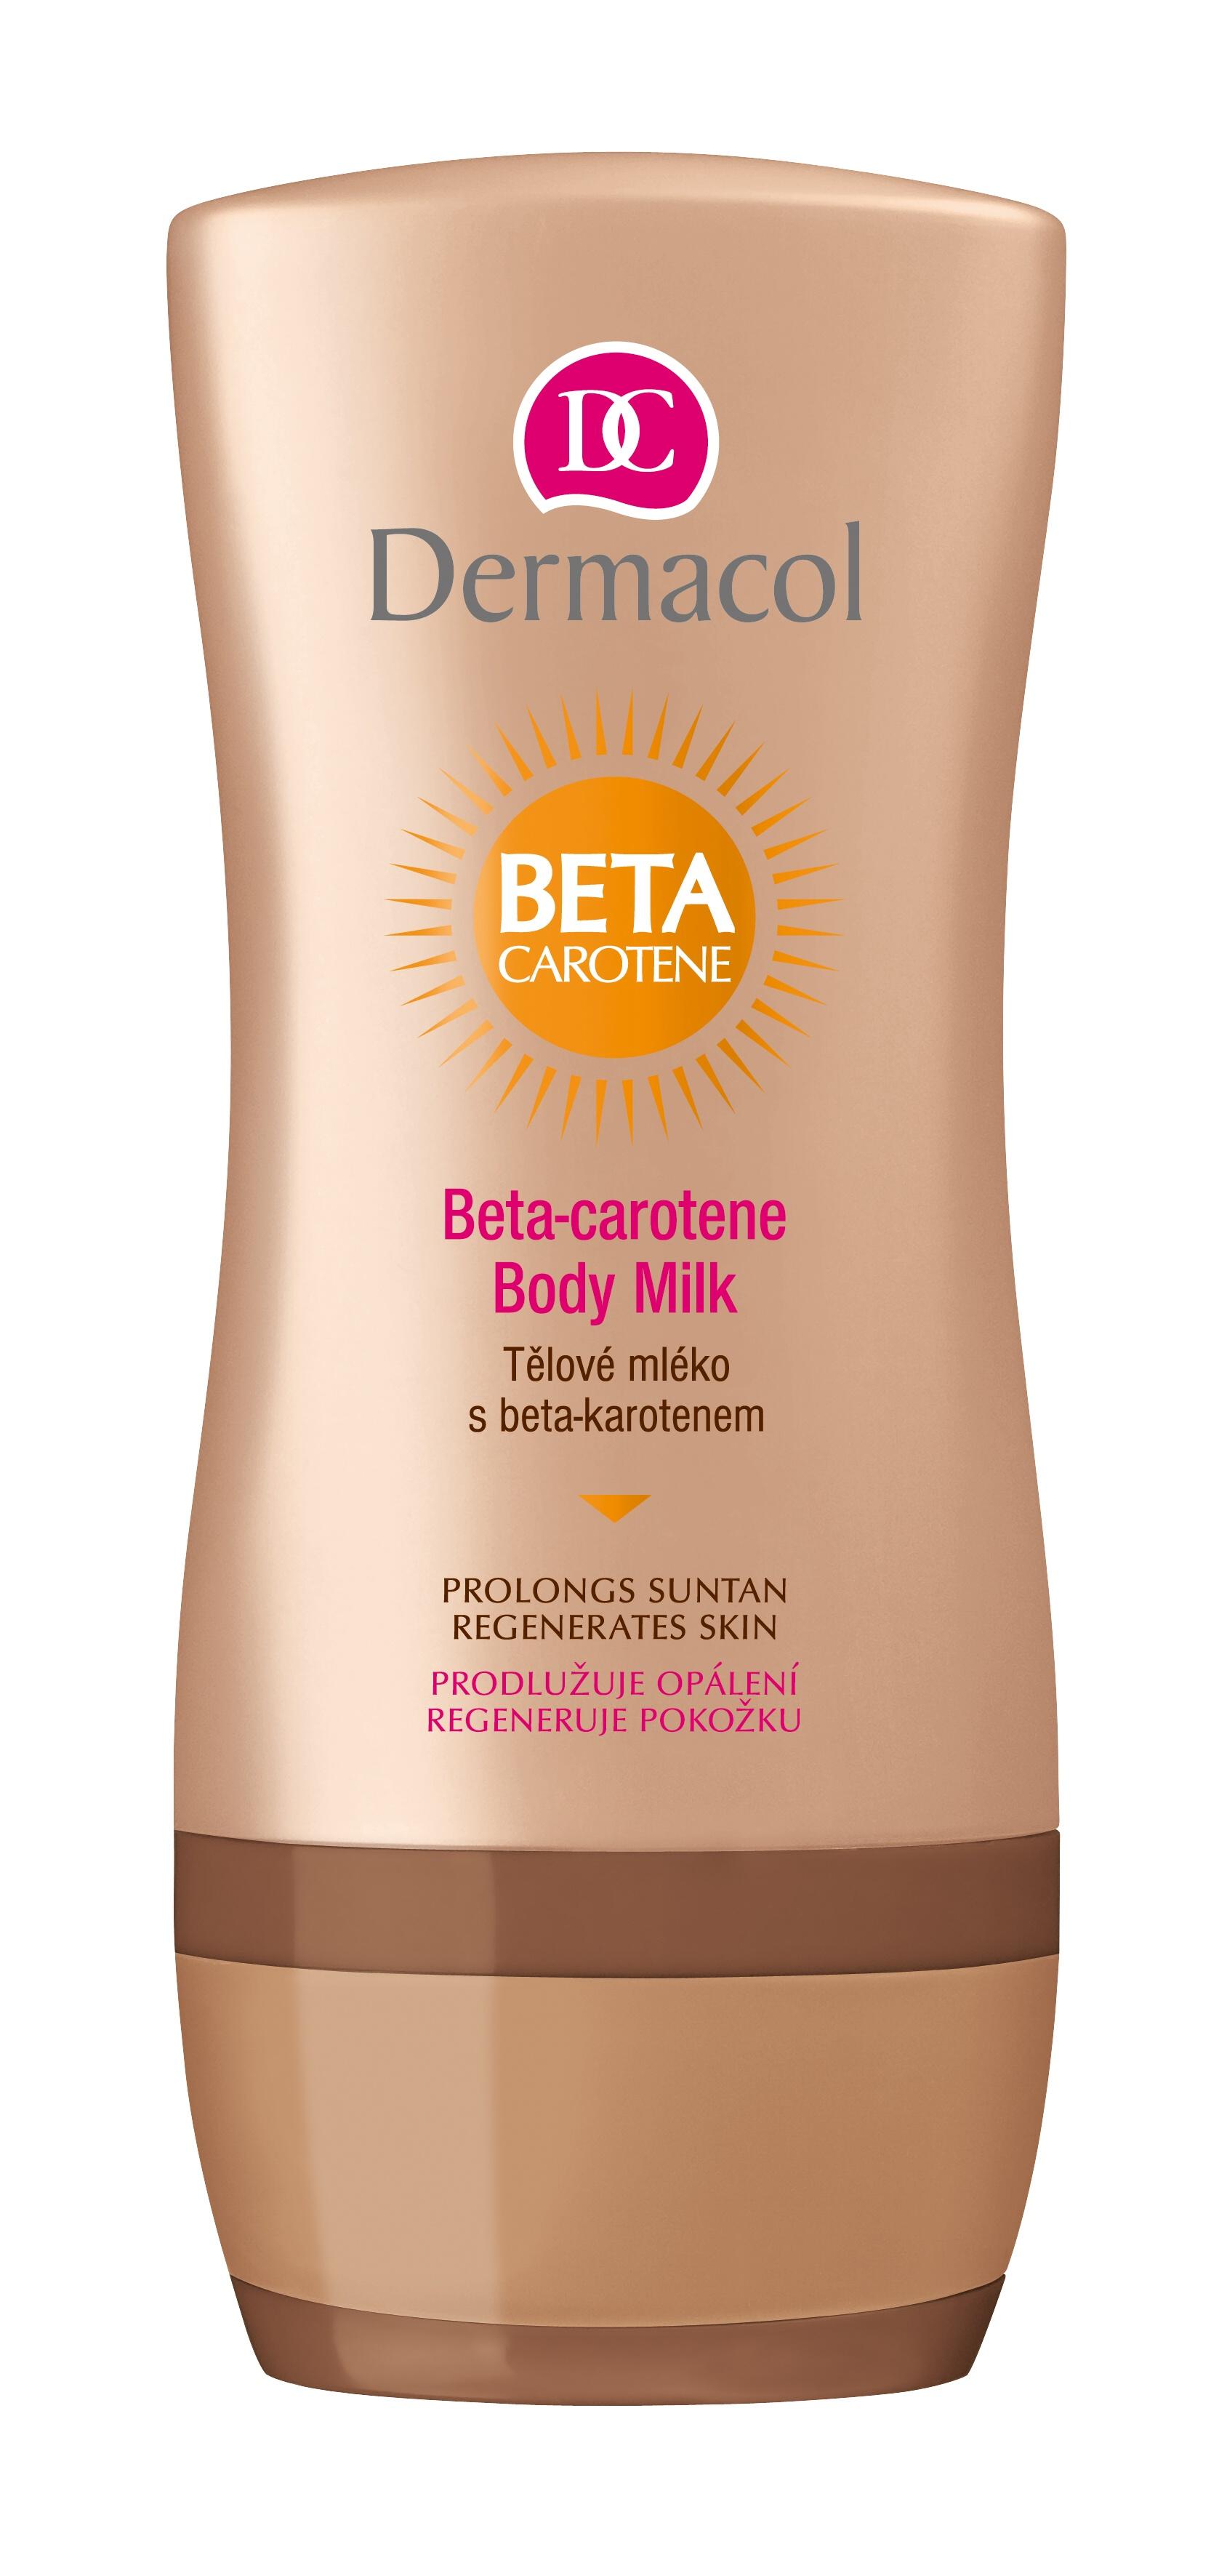 Tělové mléko po opalování Beta-Caroten 200ml Dermacol